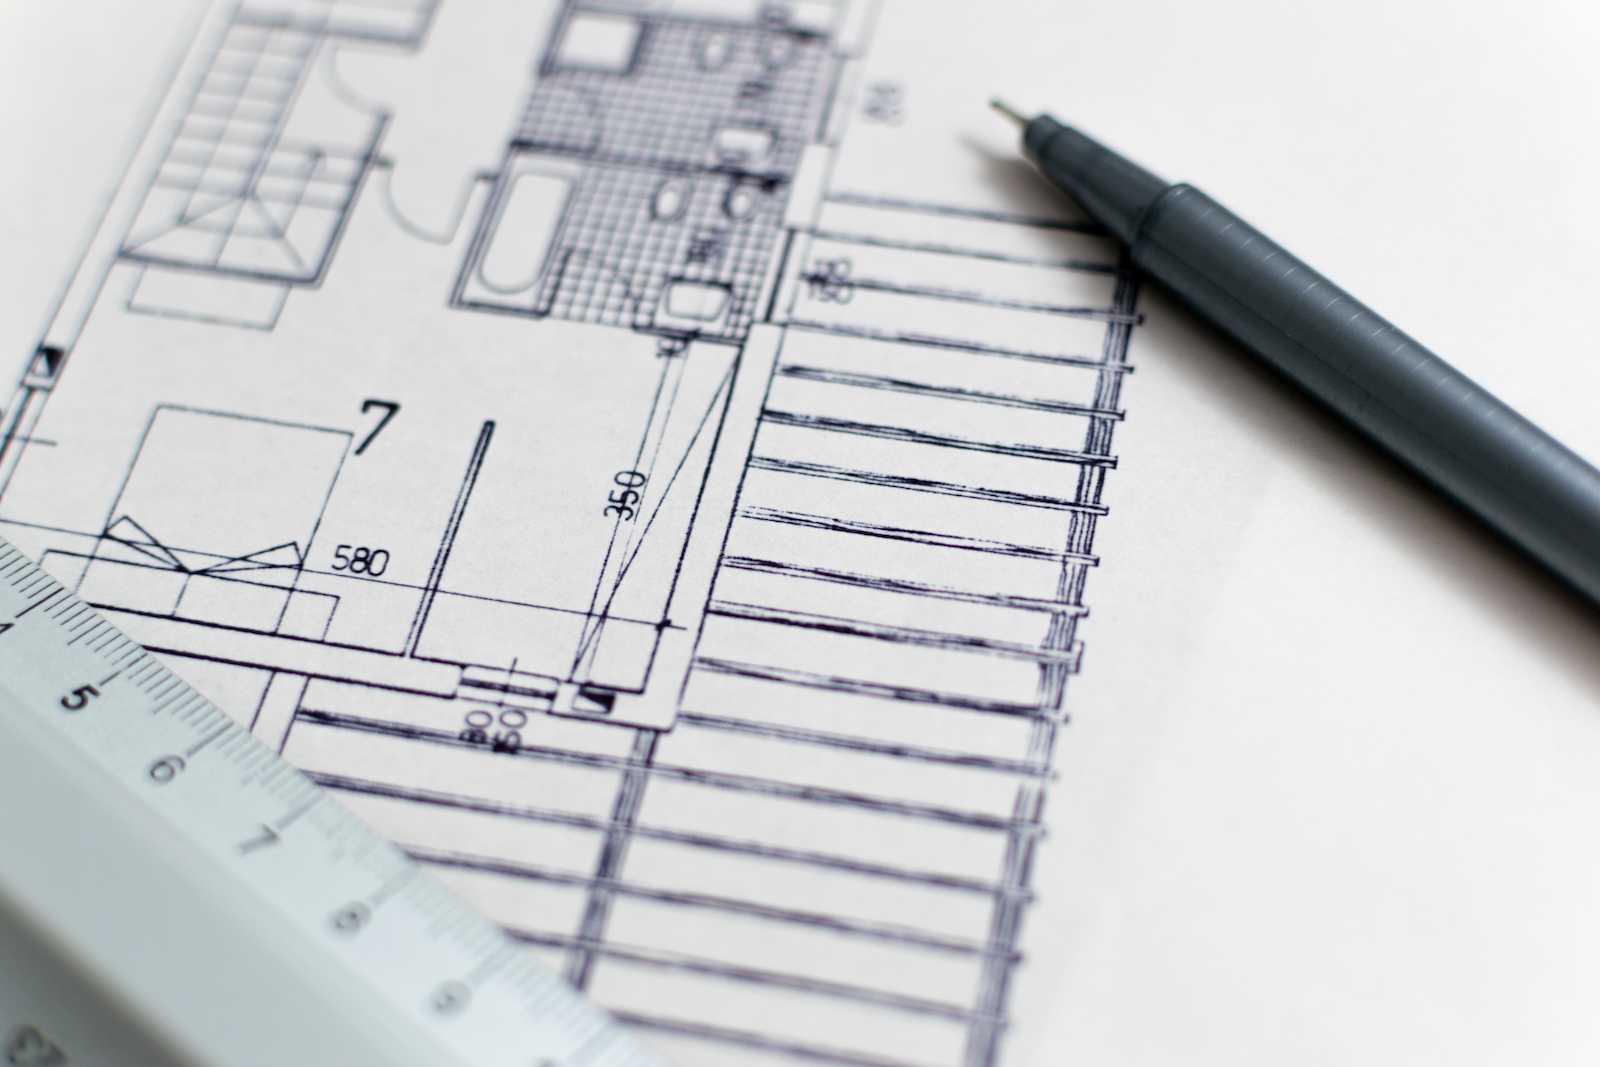 Architektur Zeichnung aufnahmetest architektur architektur bachelor aufnahmetest innsbruck